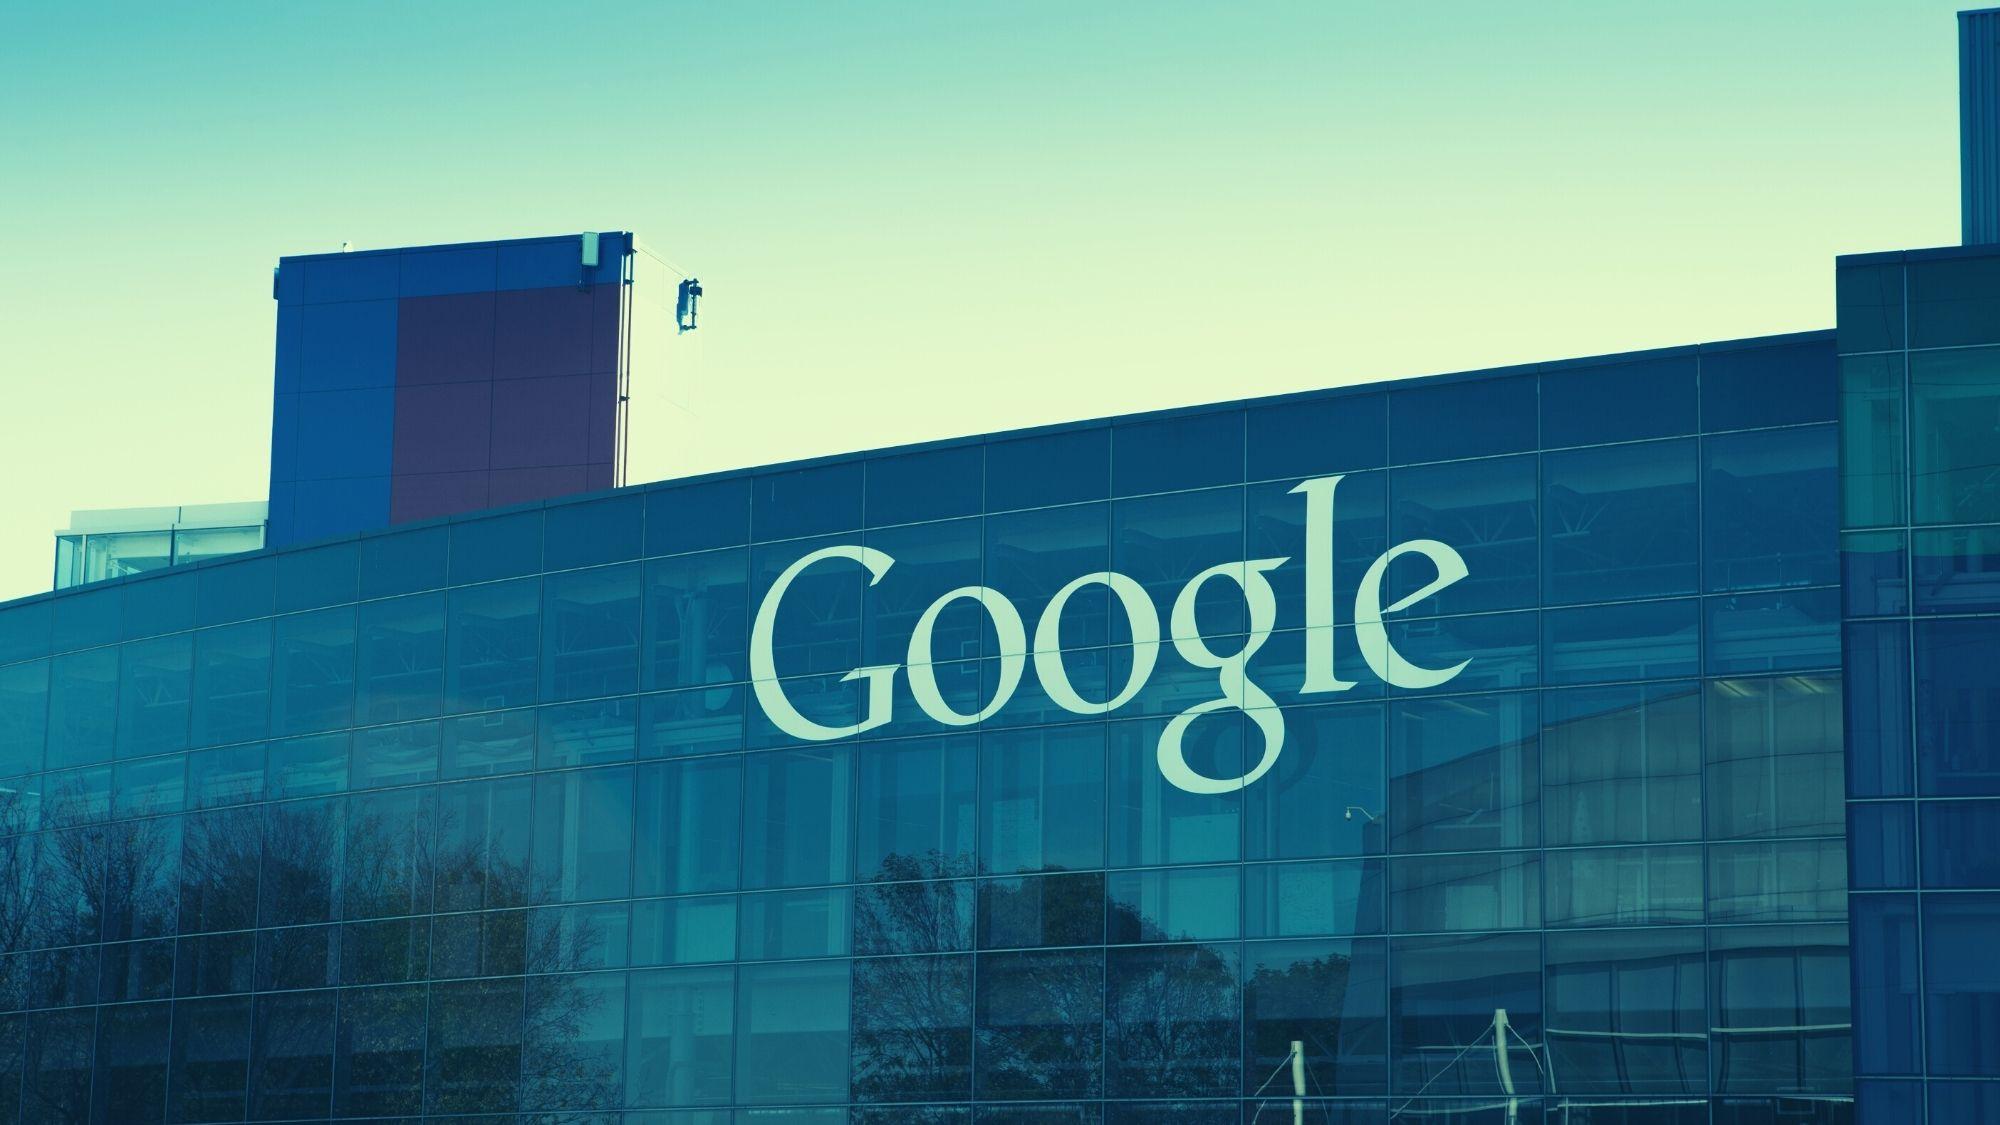 בית גוגל